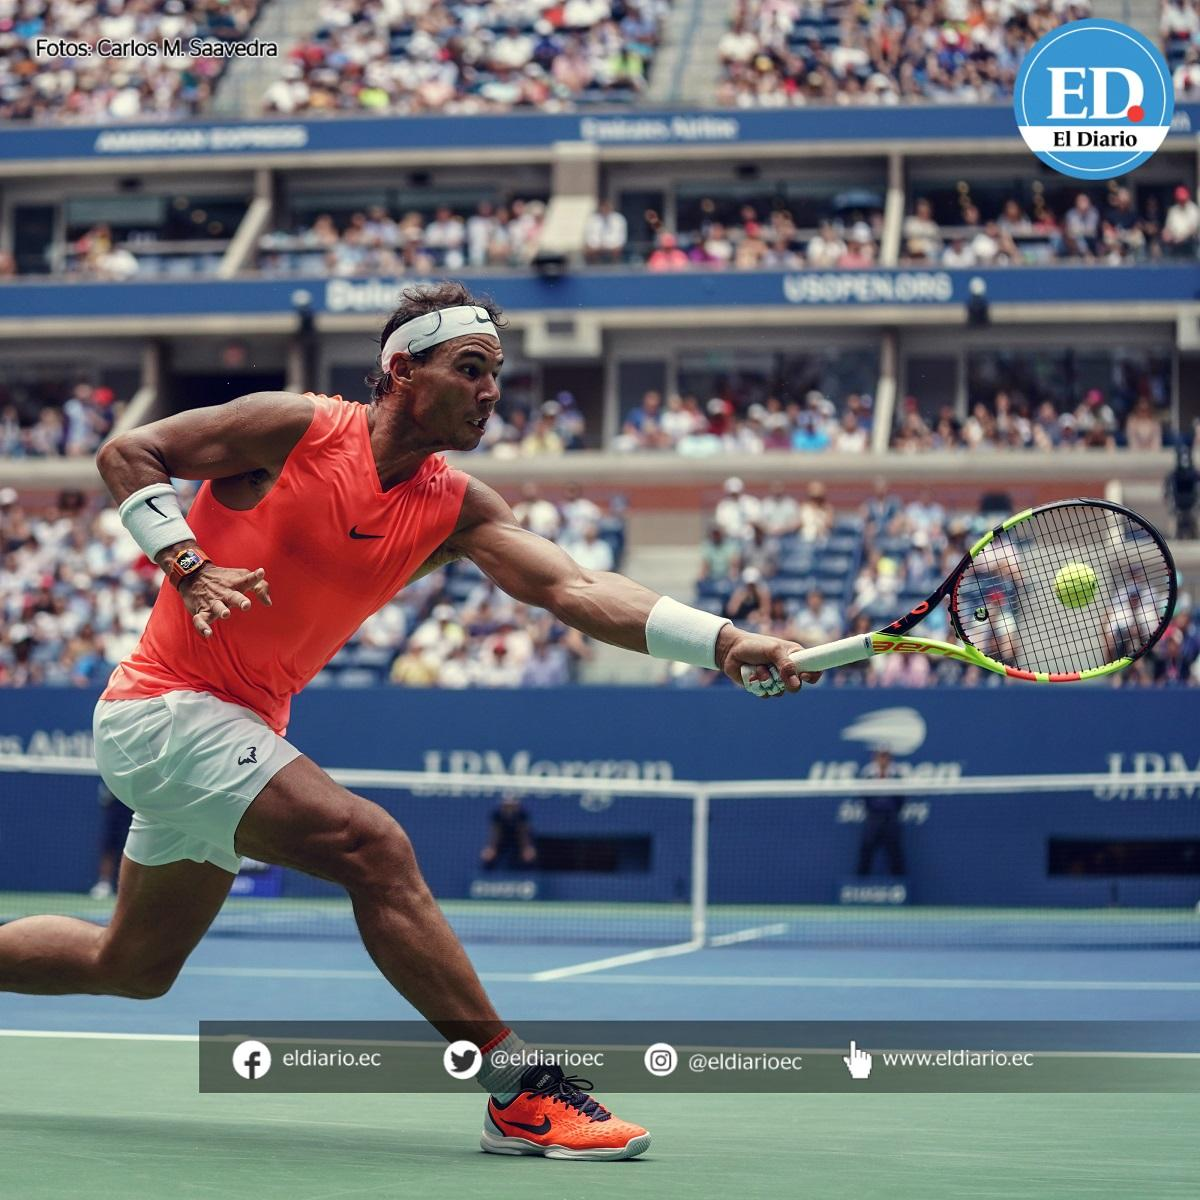 Rafael Nadal y Serena Williams entre los favoritos para ganar el US Open